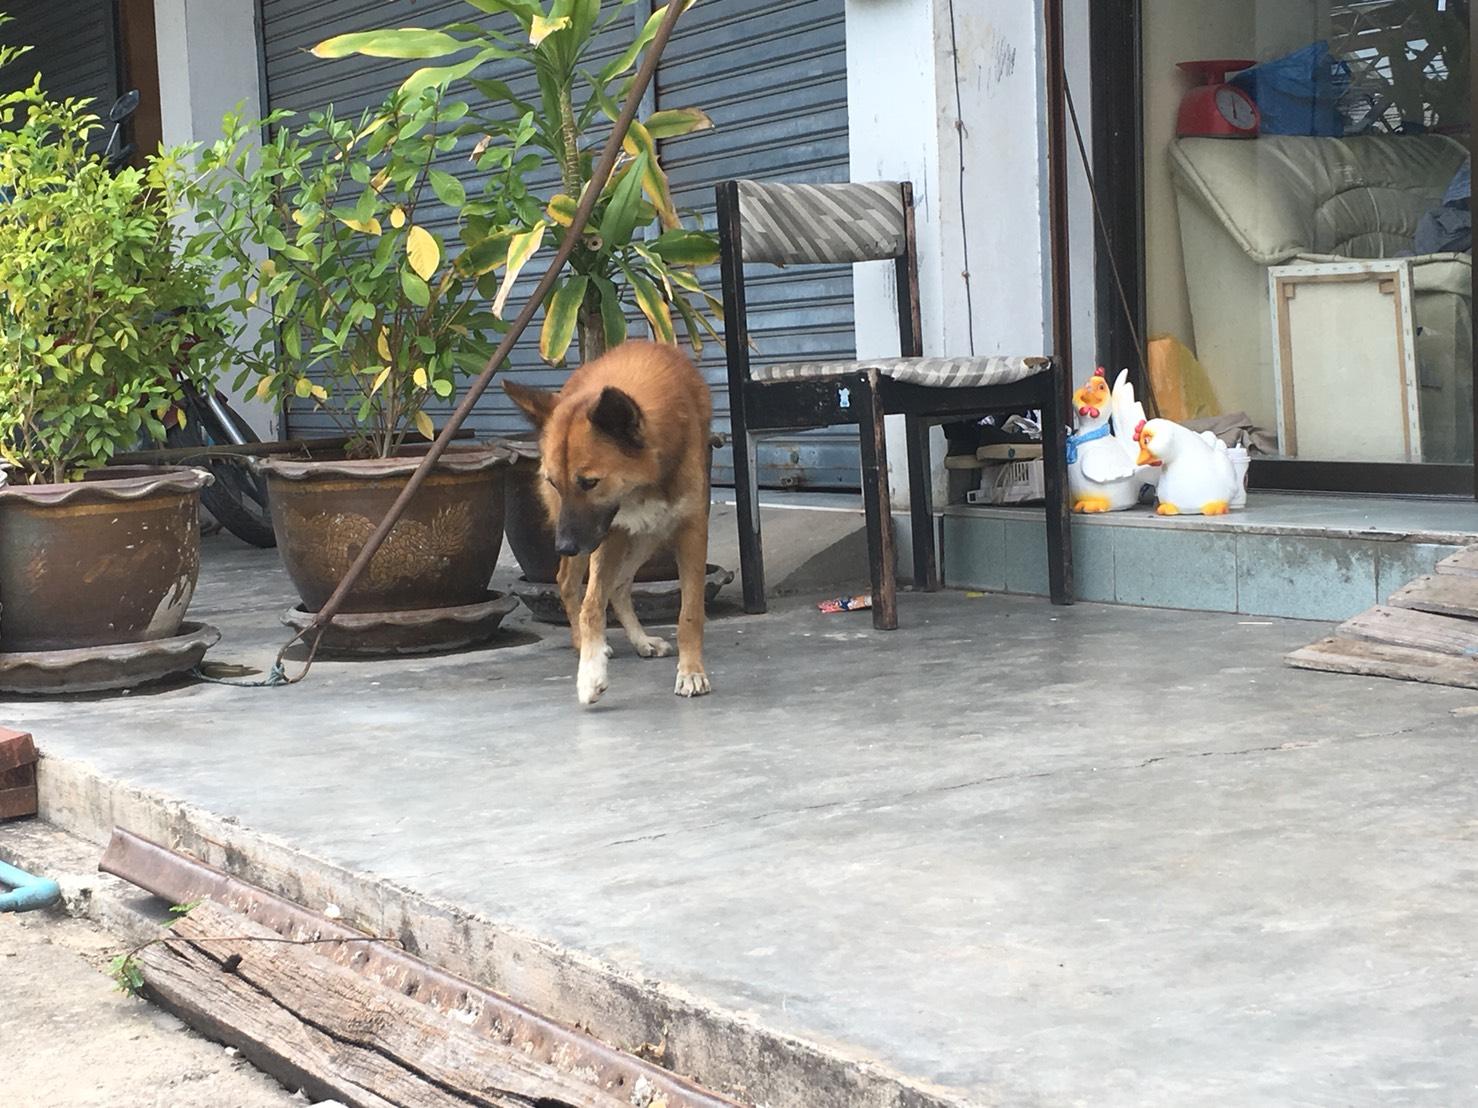 歩くミックス犬の絵手紙モチーフ写真